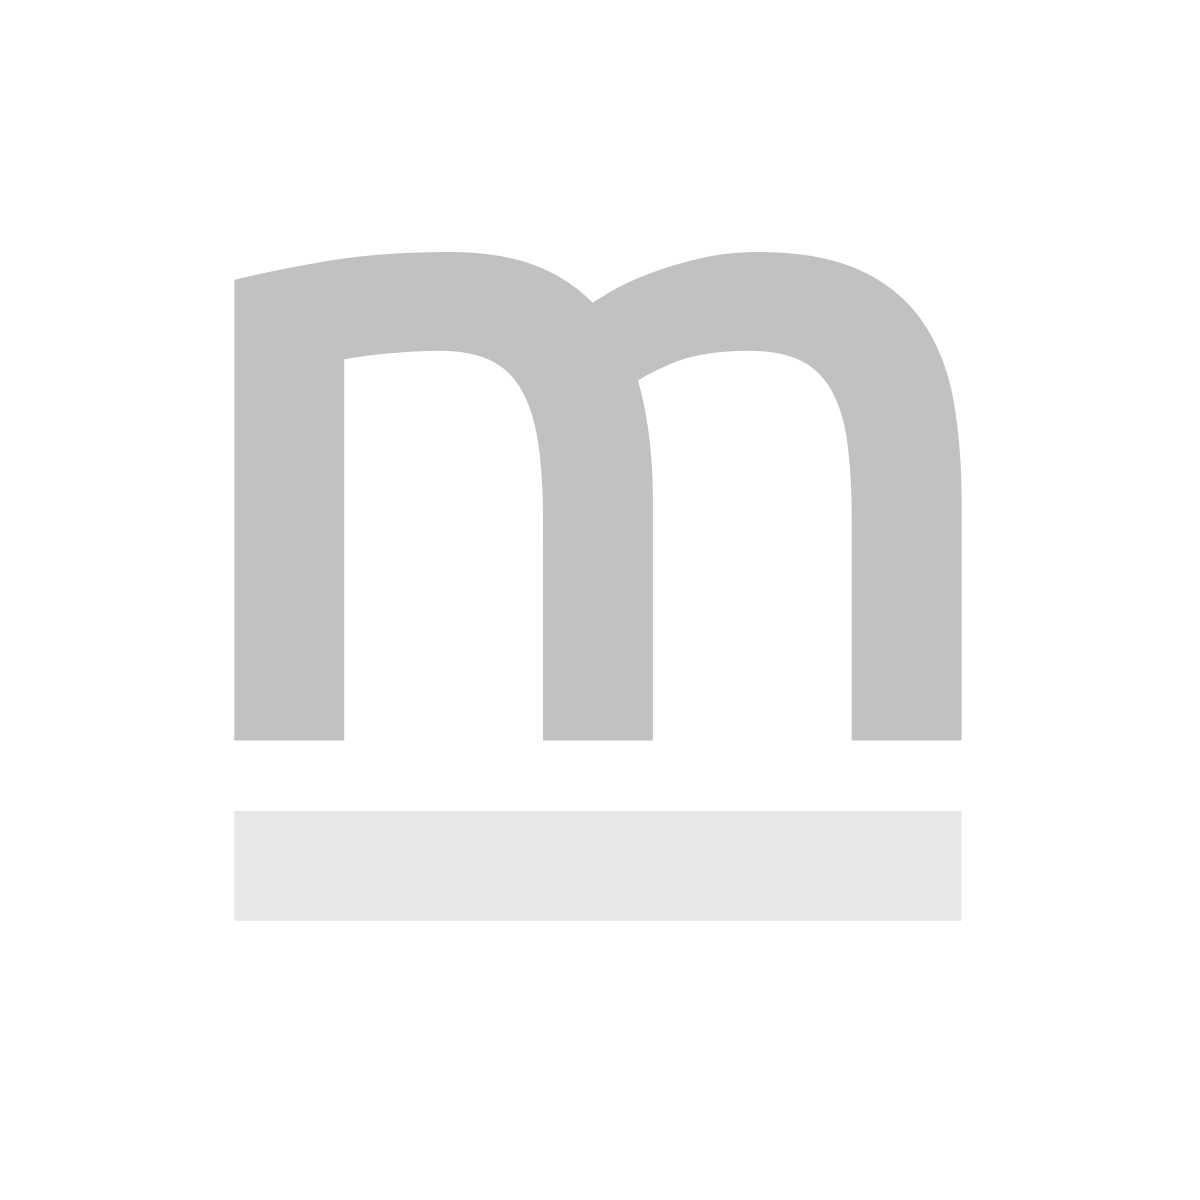 Zegar 60 MINUTES 3243 ZW